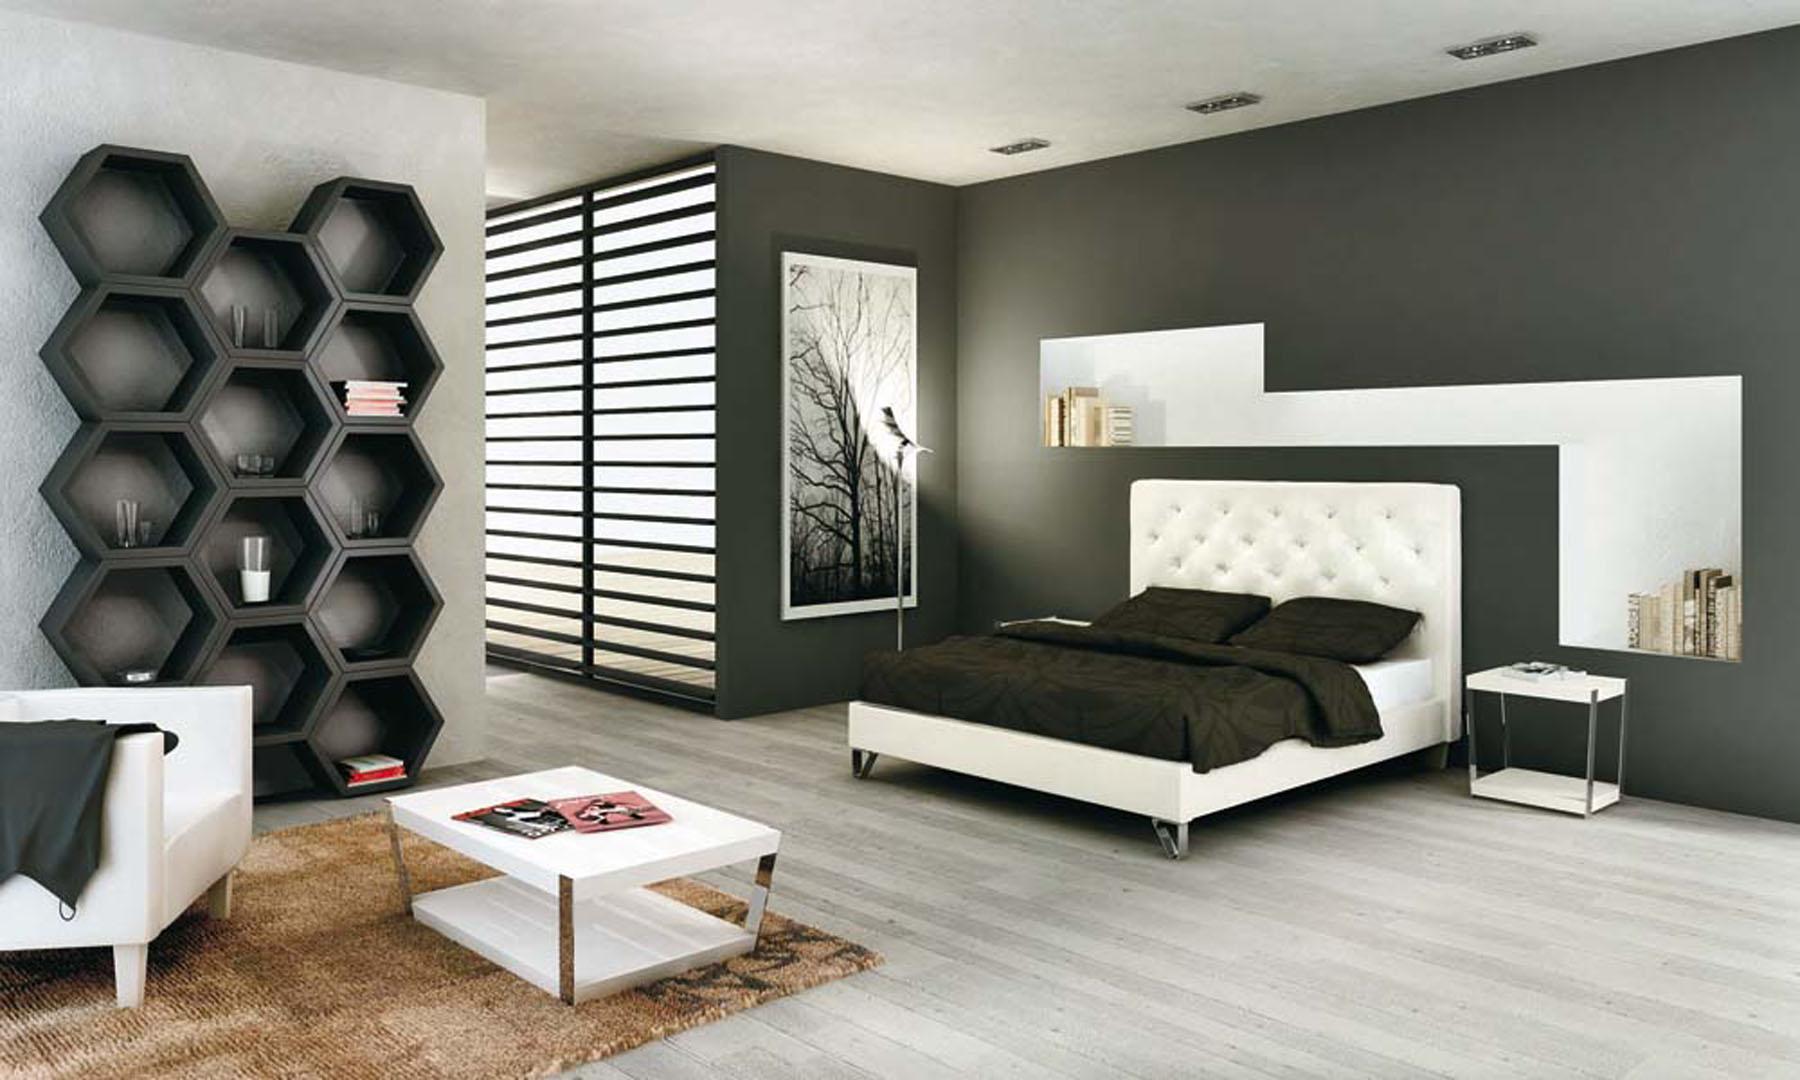 Camere moderne sirigu mobili - Camera da letto donatella ...